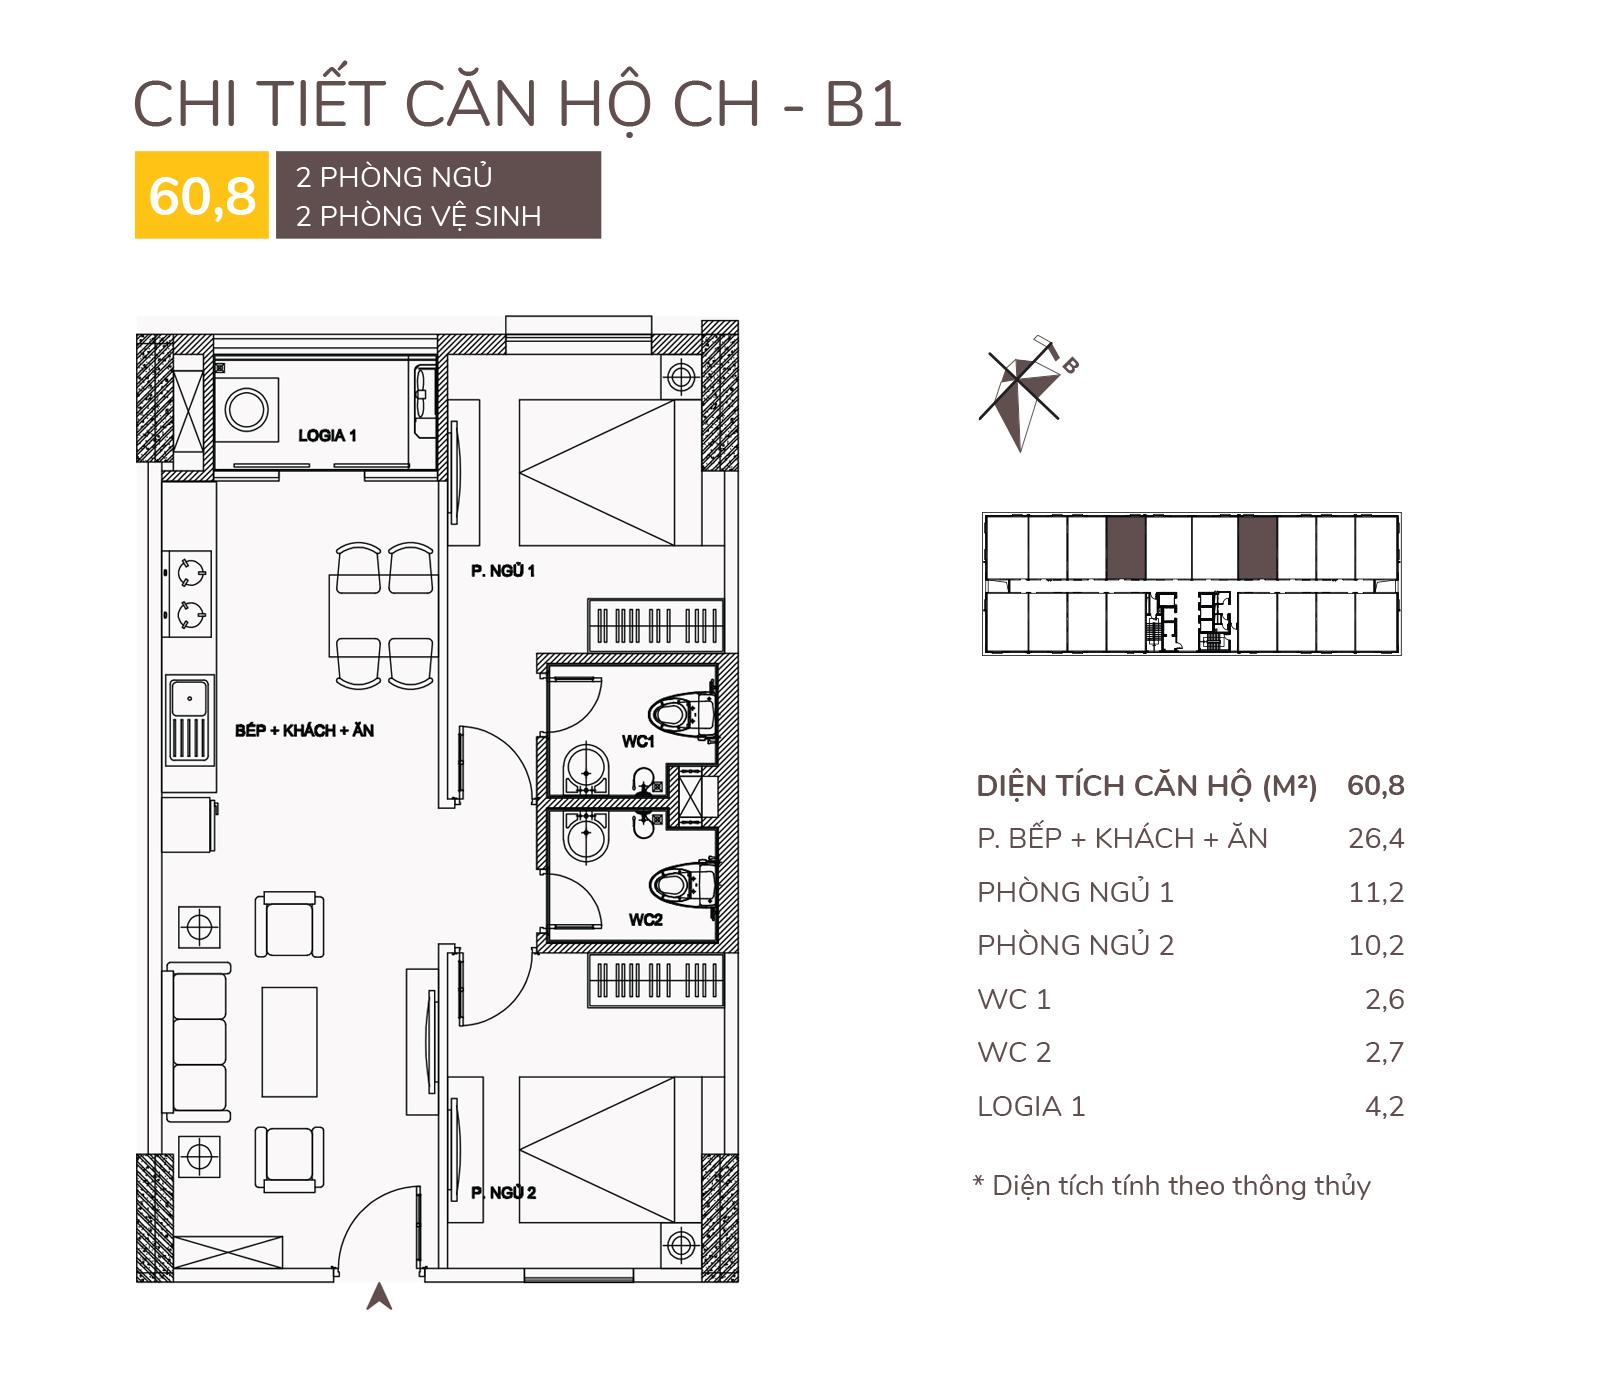 Chi tiết căn hộ CH - B1